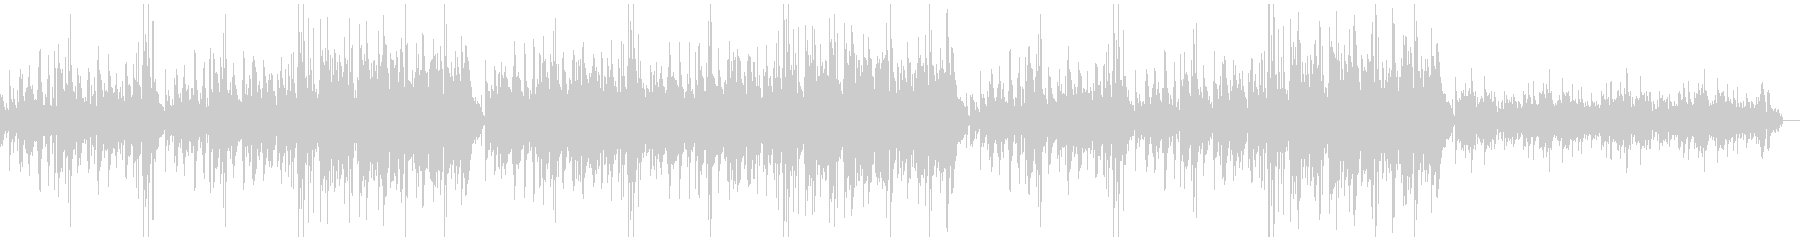 アコギとハープの優しいアルペジオBGMの未再生の波形